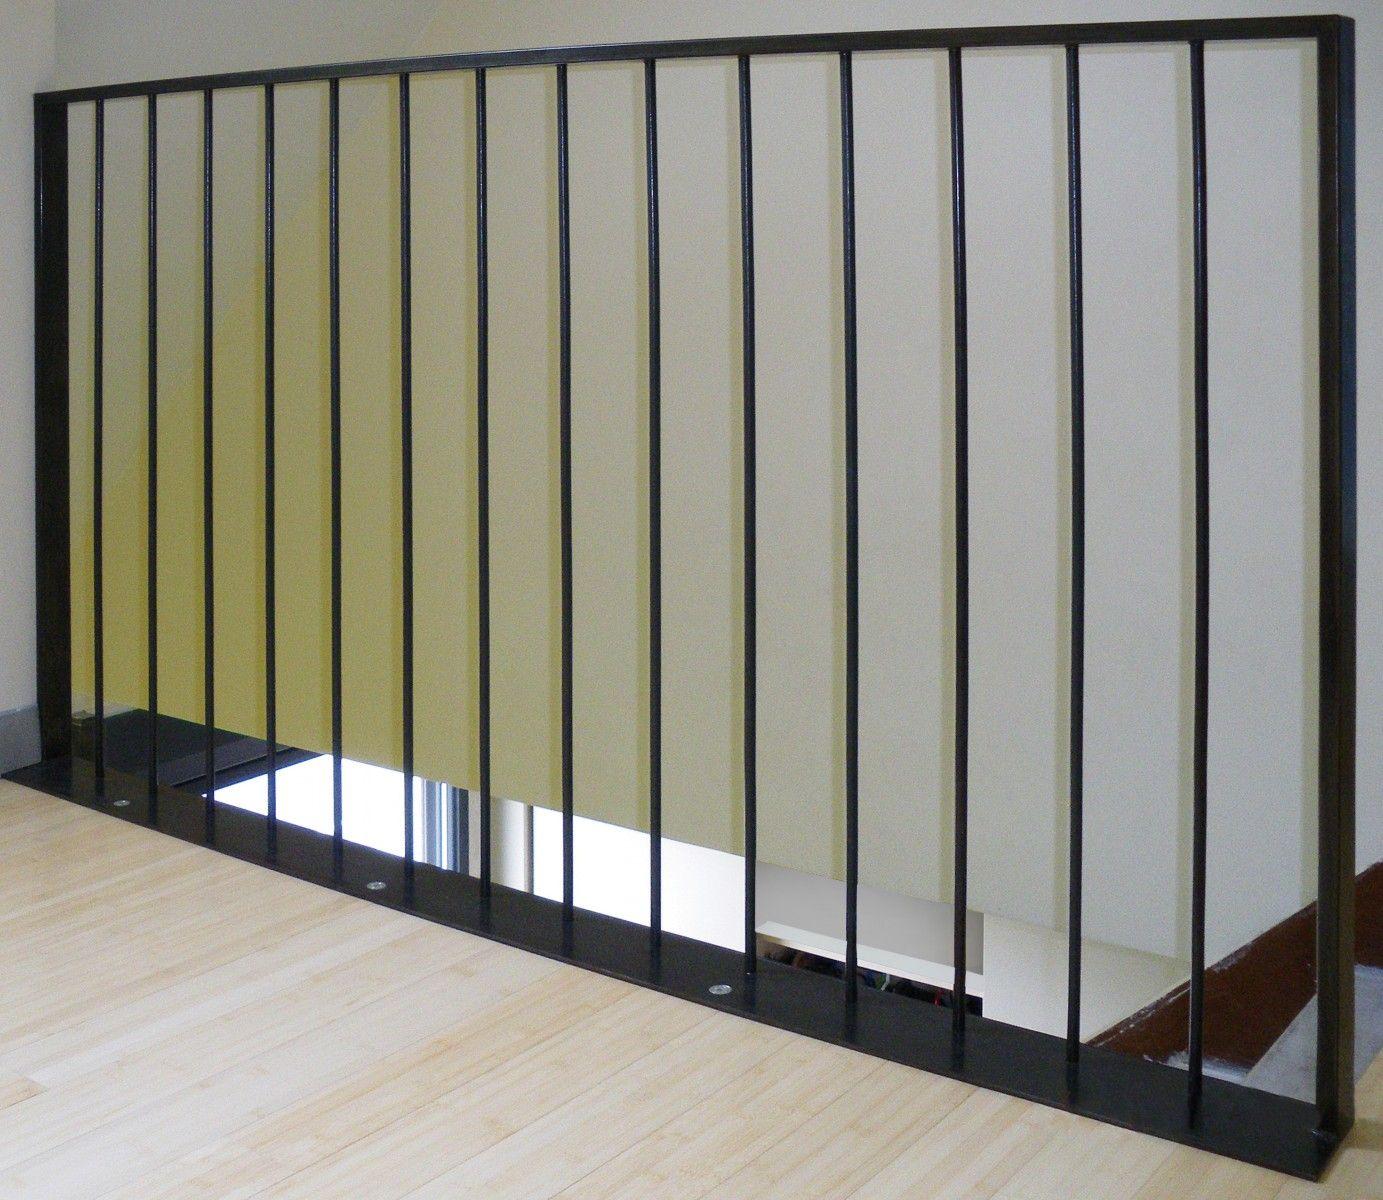 garde corps barreaudage escalier pinterest garde. Black Bedroom Furniture Sets. Home Design Ideas